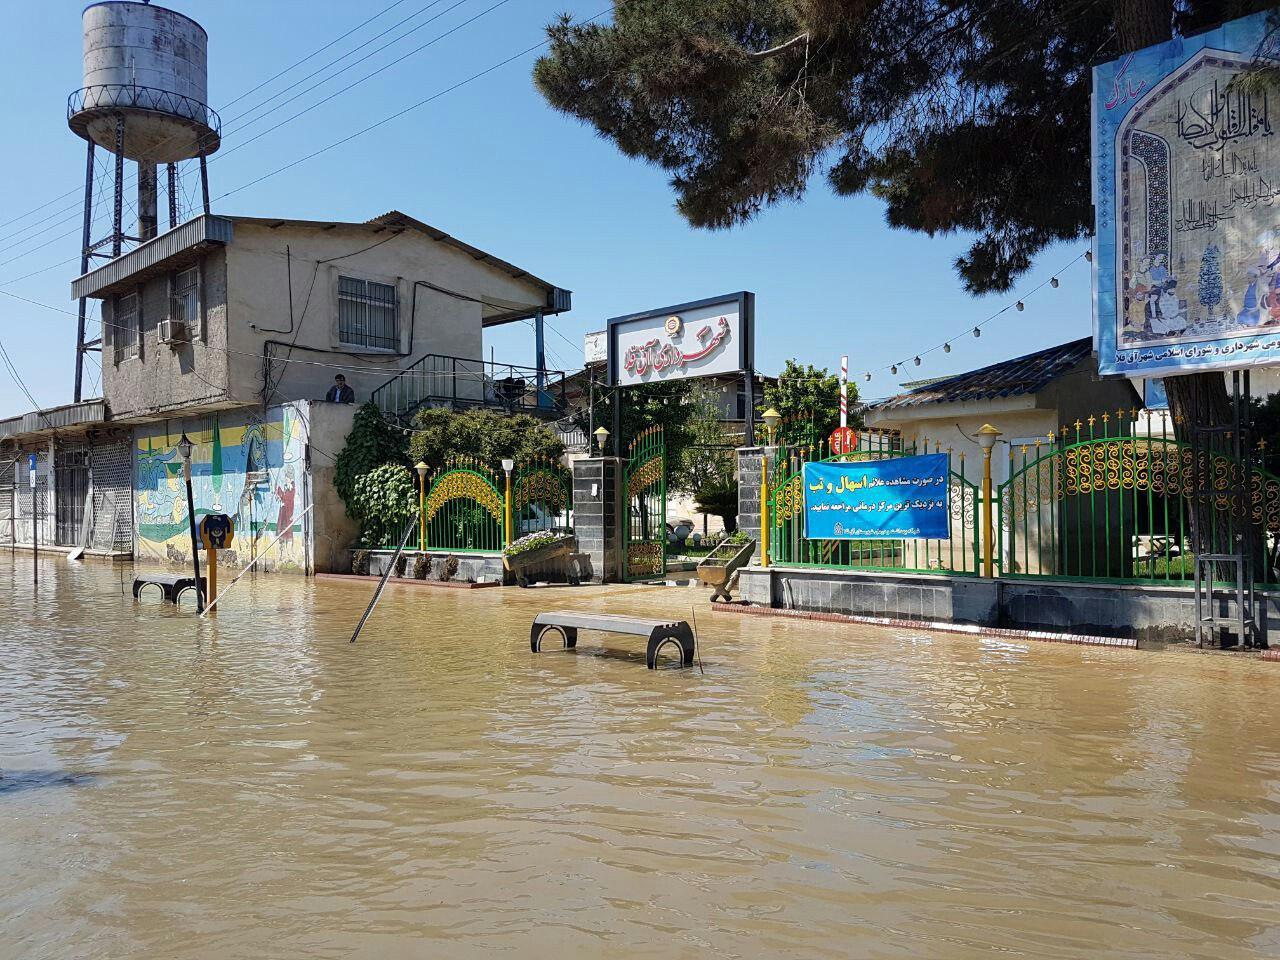 آخرین اخبار از مناطق سیل زده شنبه هفتم اردیبهشت/ فرماندار آق قلا: ۳۰ درصد شهر دچار آبگرفتگی شده/ احتمال بازگشایی جاده آبادان – اهواز تا دو روز آینده+فیلم و تصاویر